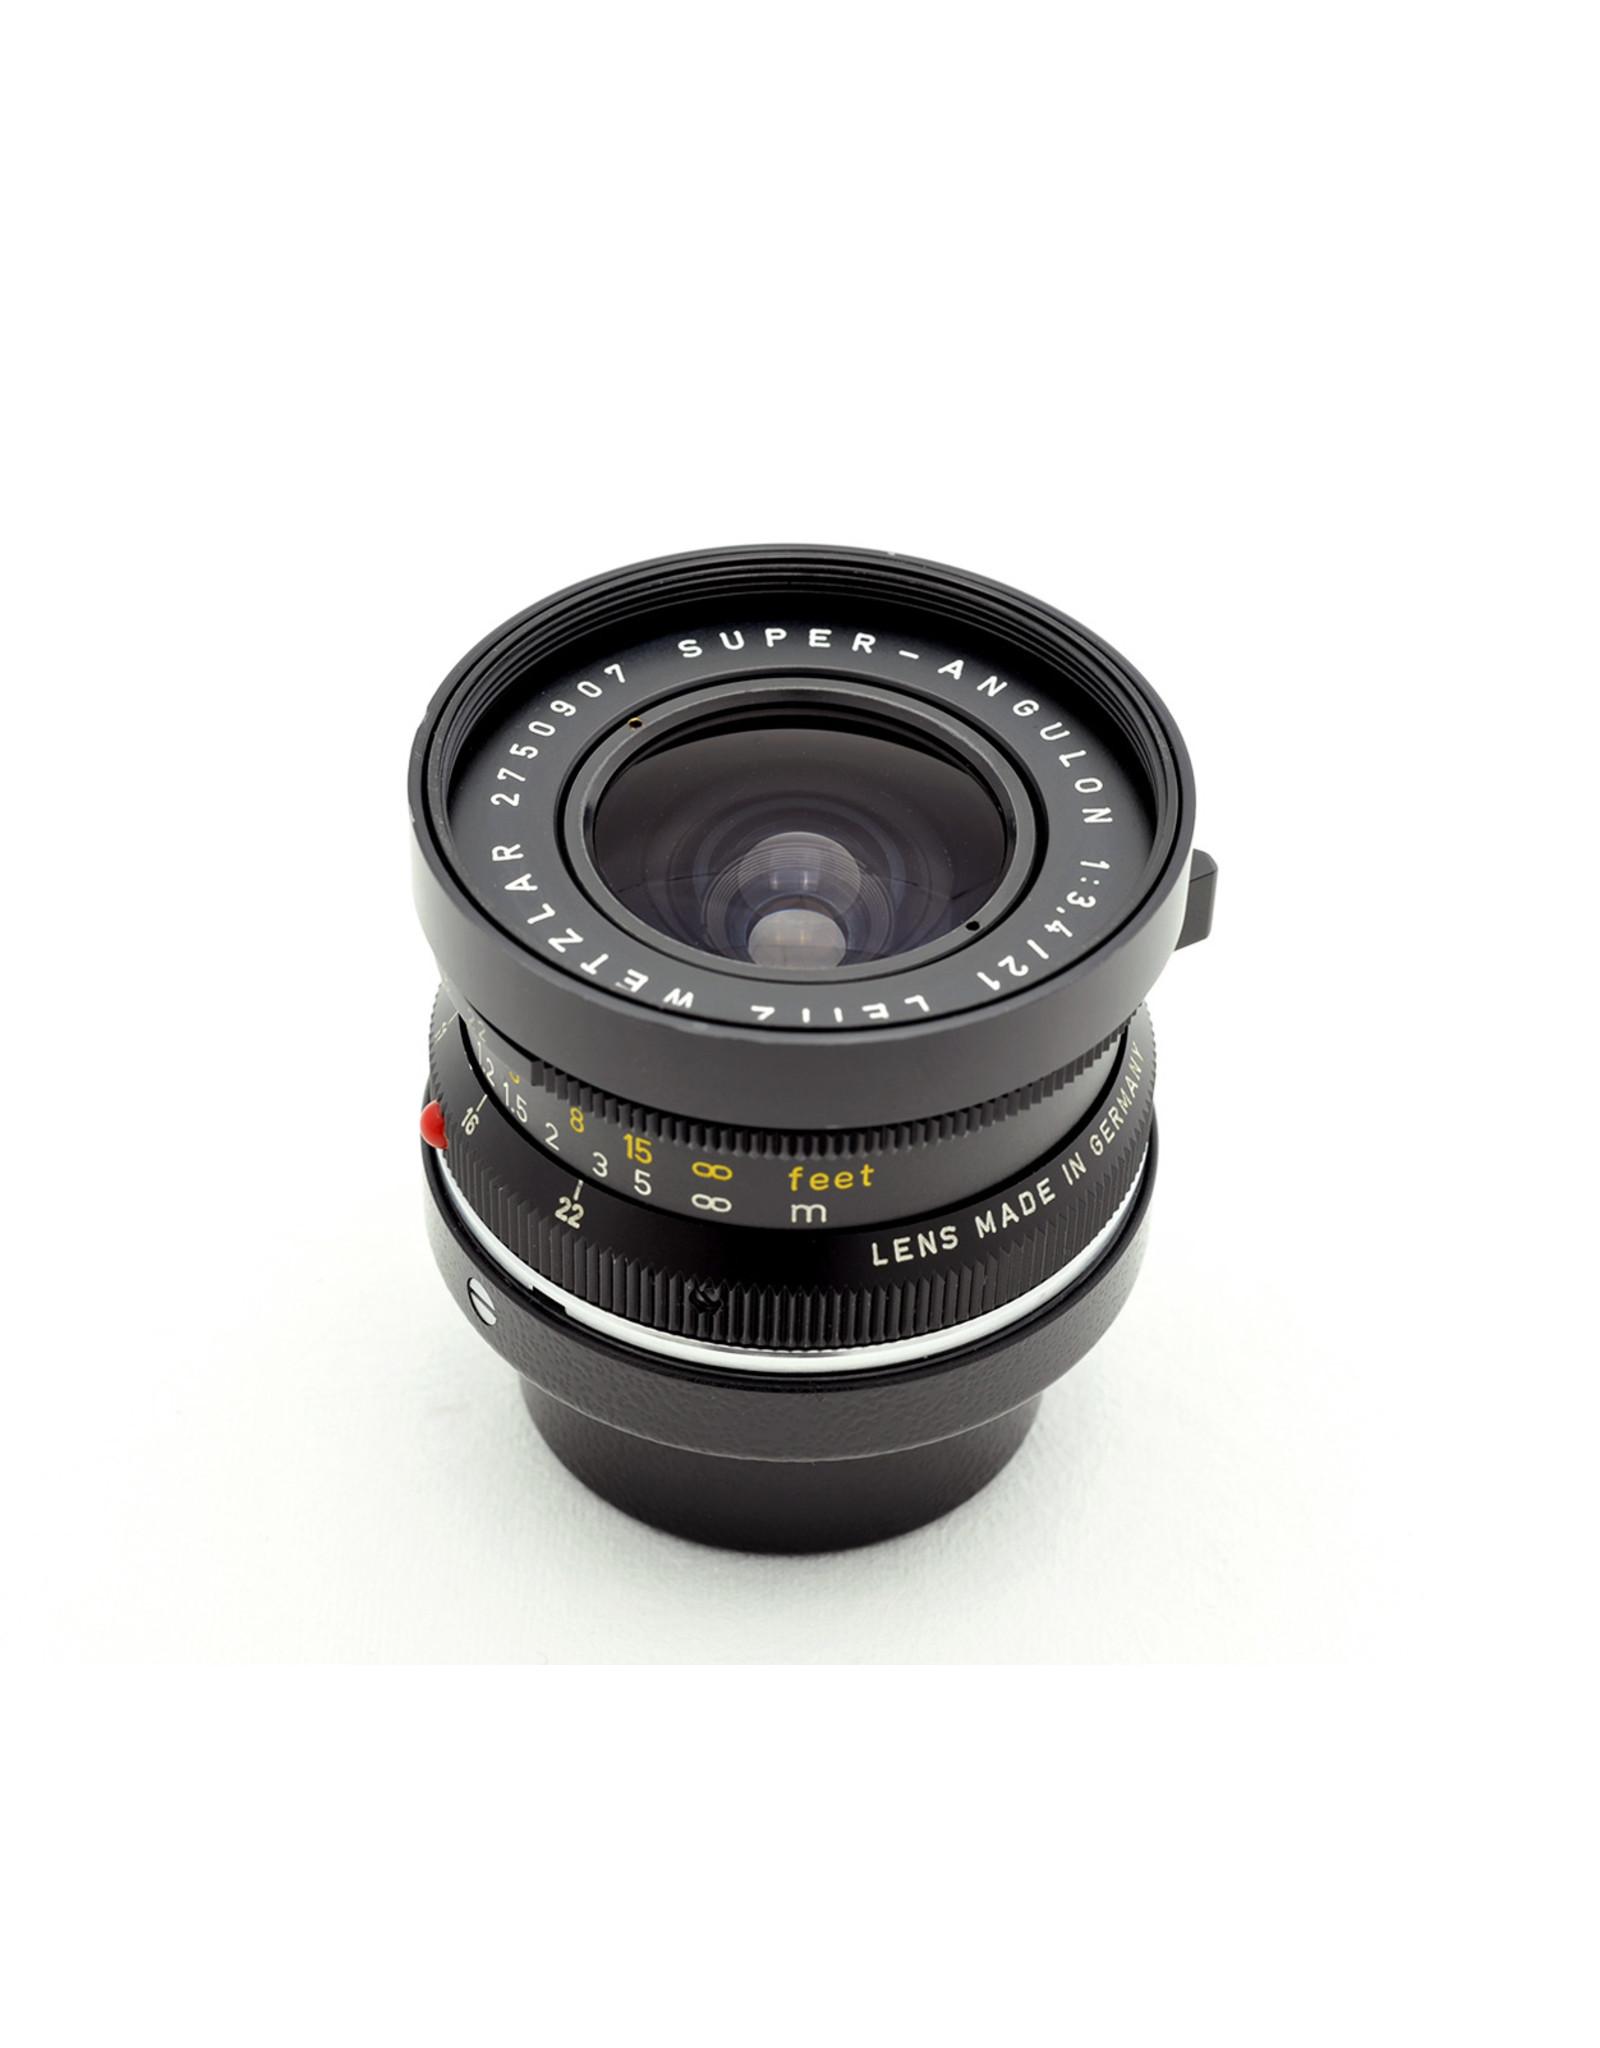 Leica Leica 21mm f3.4 Super-Angulon Black   AP9032602